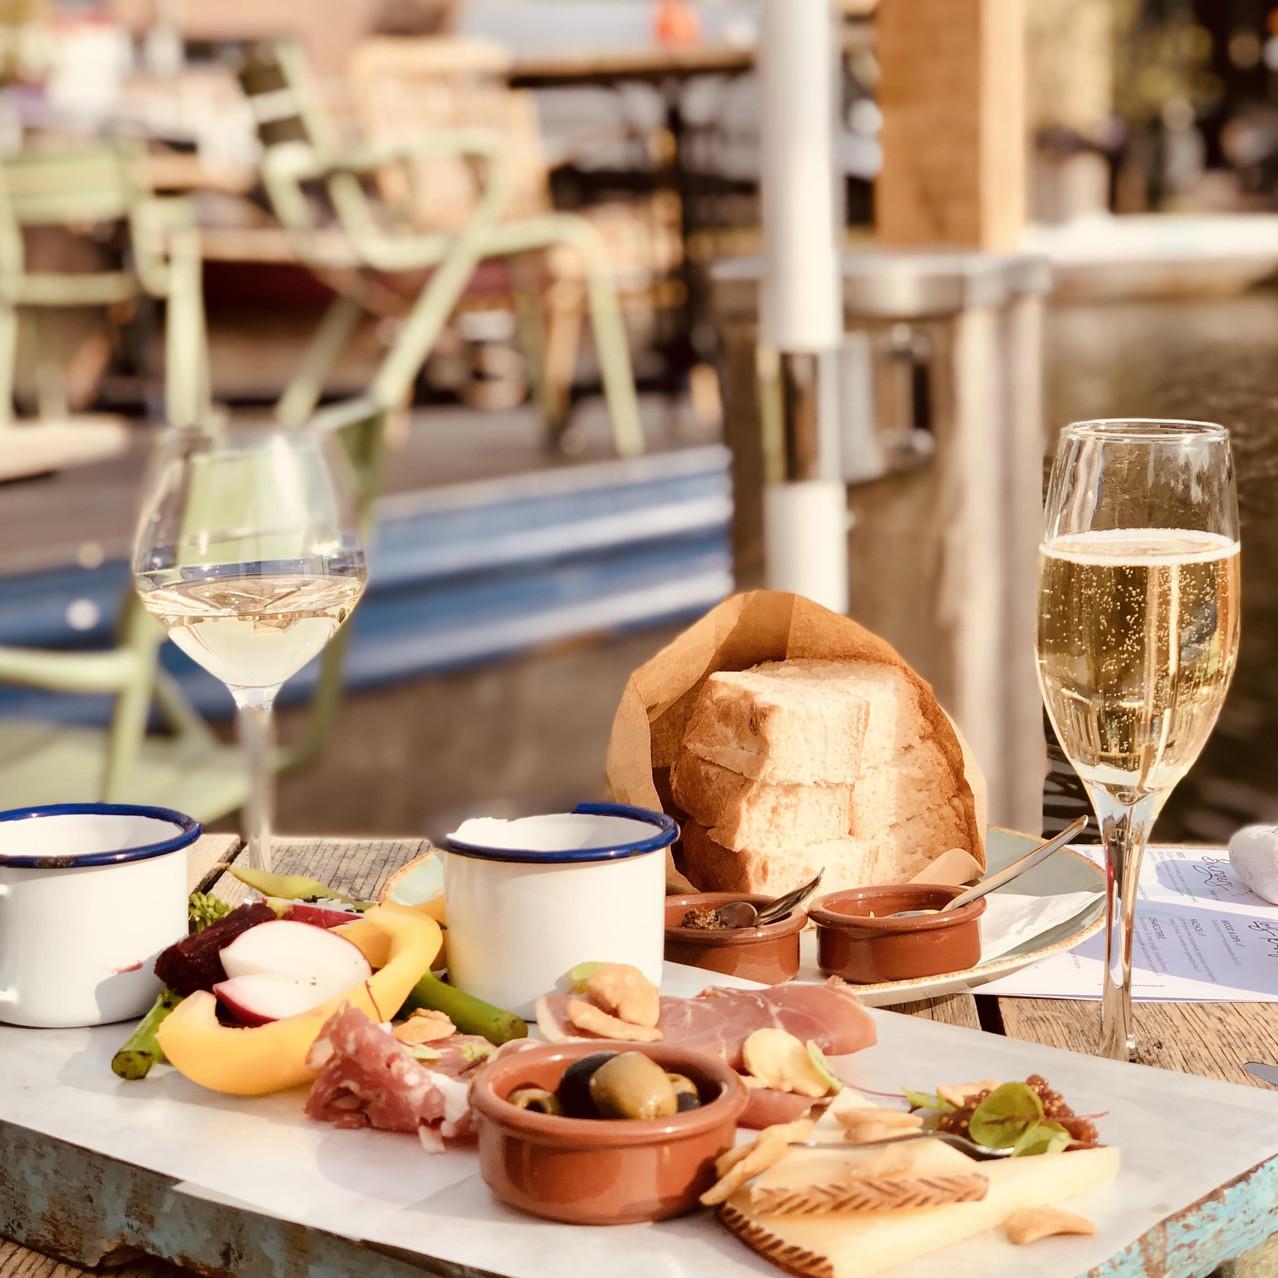 Restaurant Lot & de Walvis sharing plate Leiden Netherlands